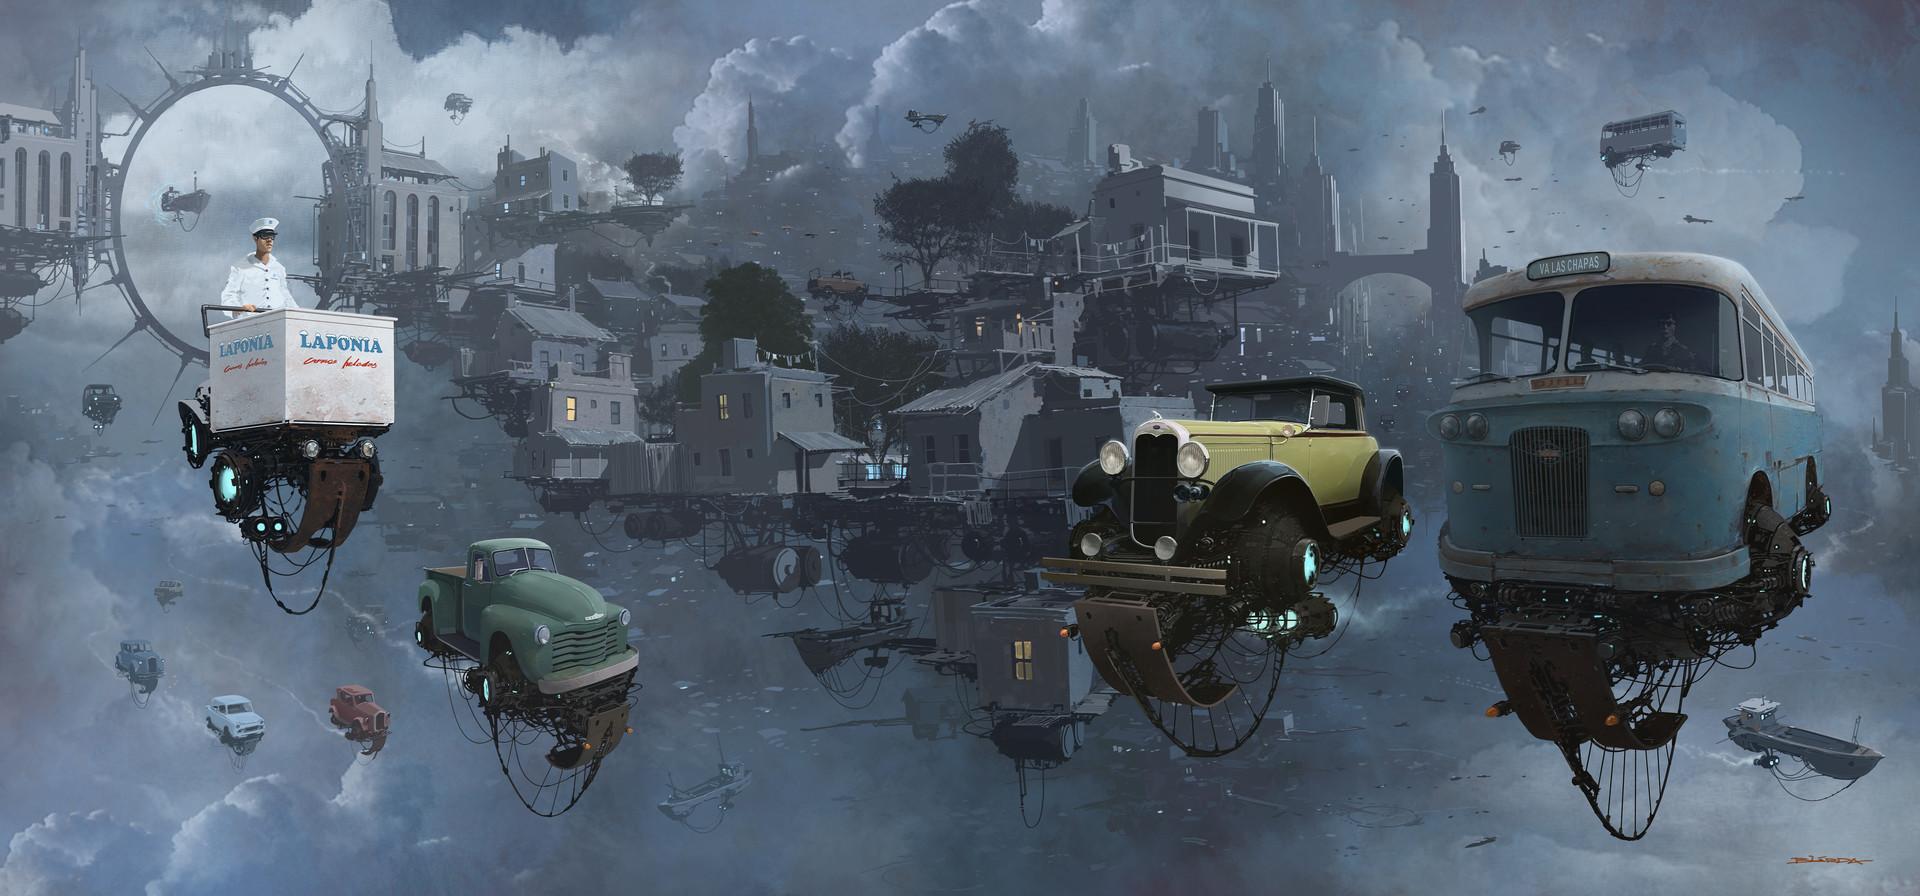 复古的未来主义 Alejandro Burdisio作品欣赏2